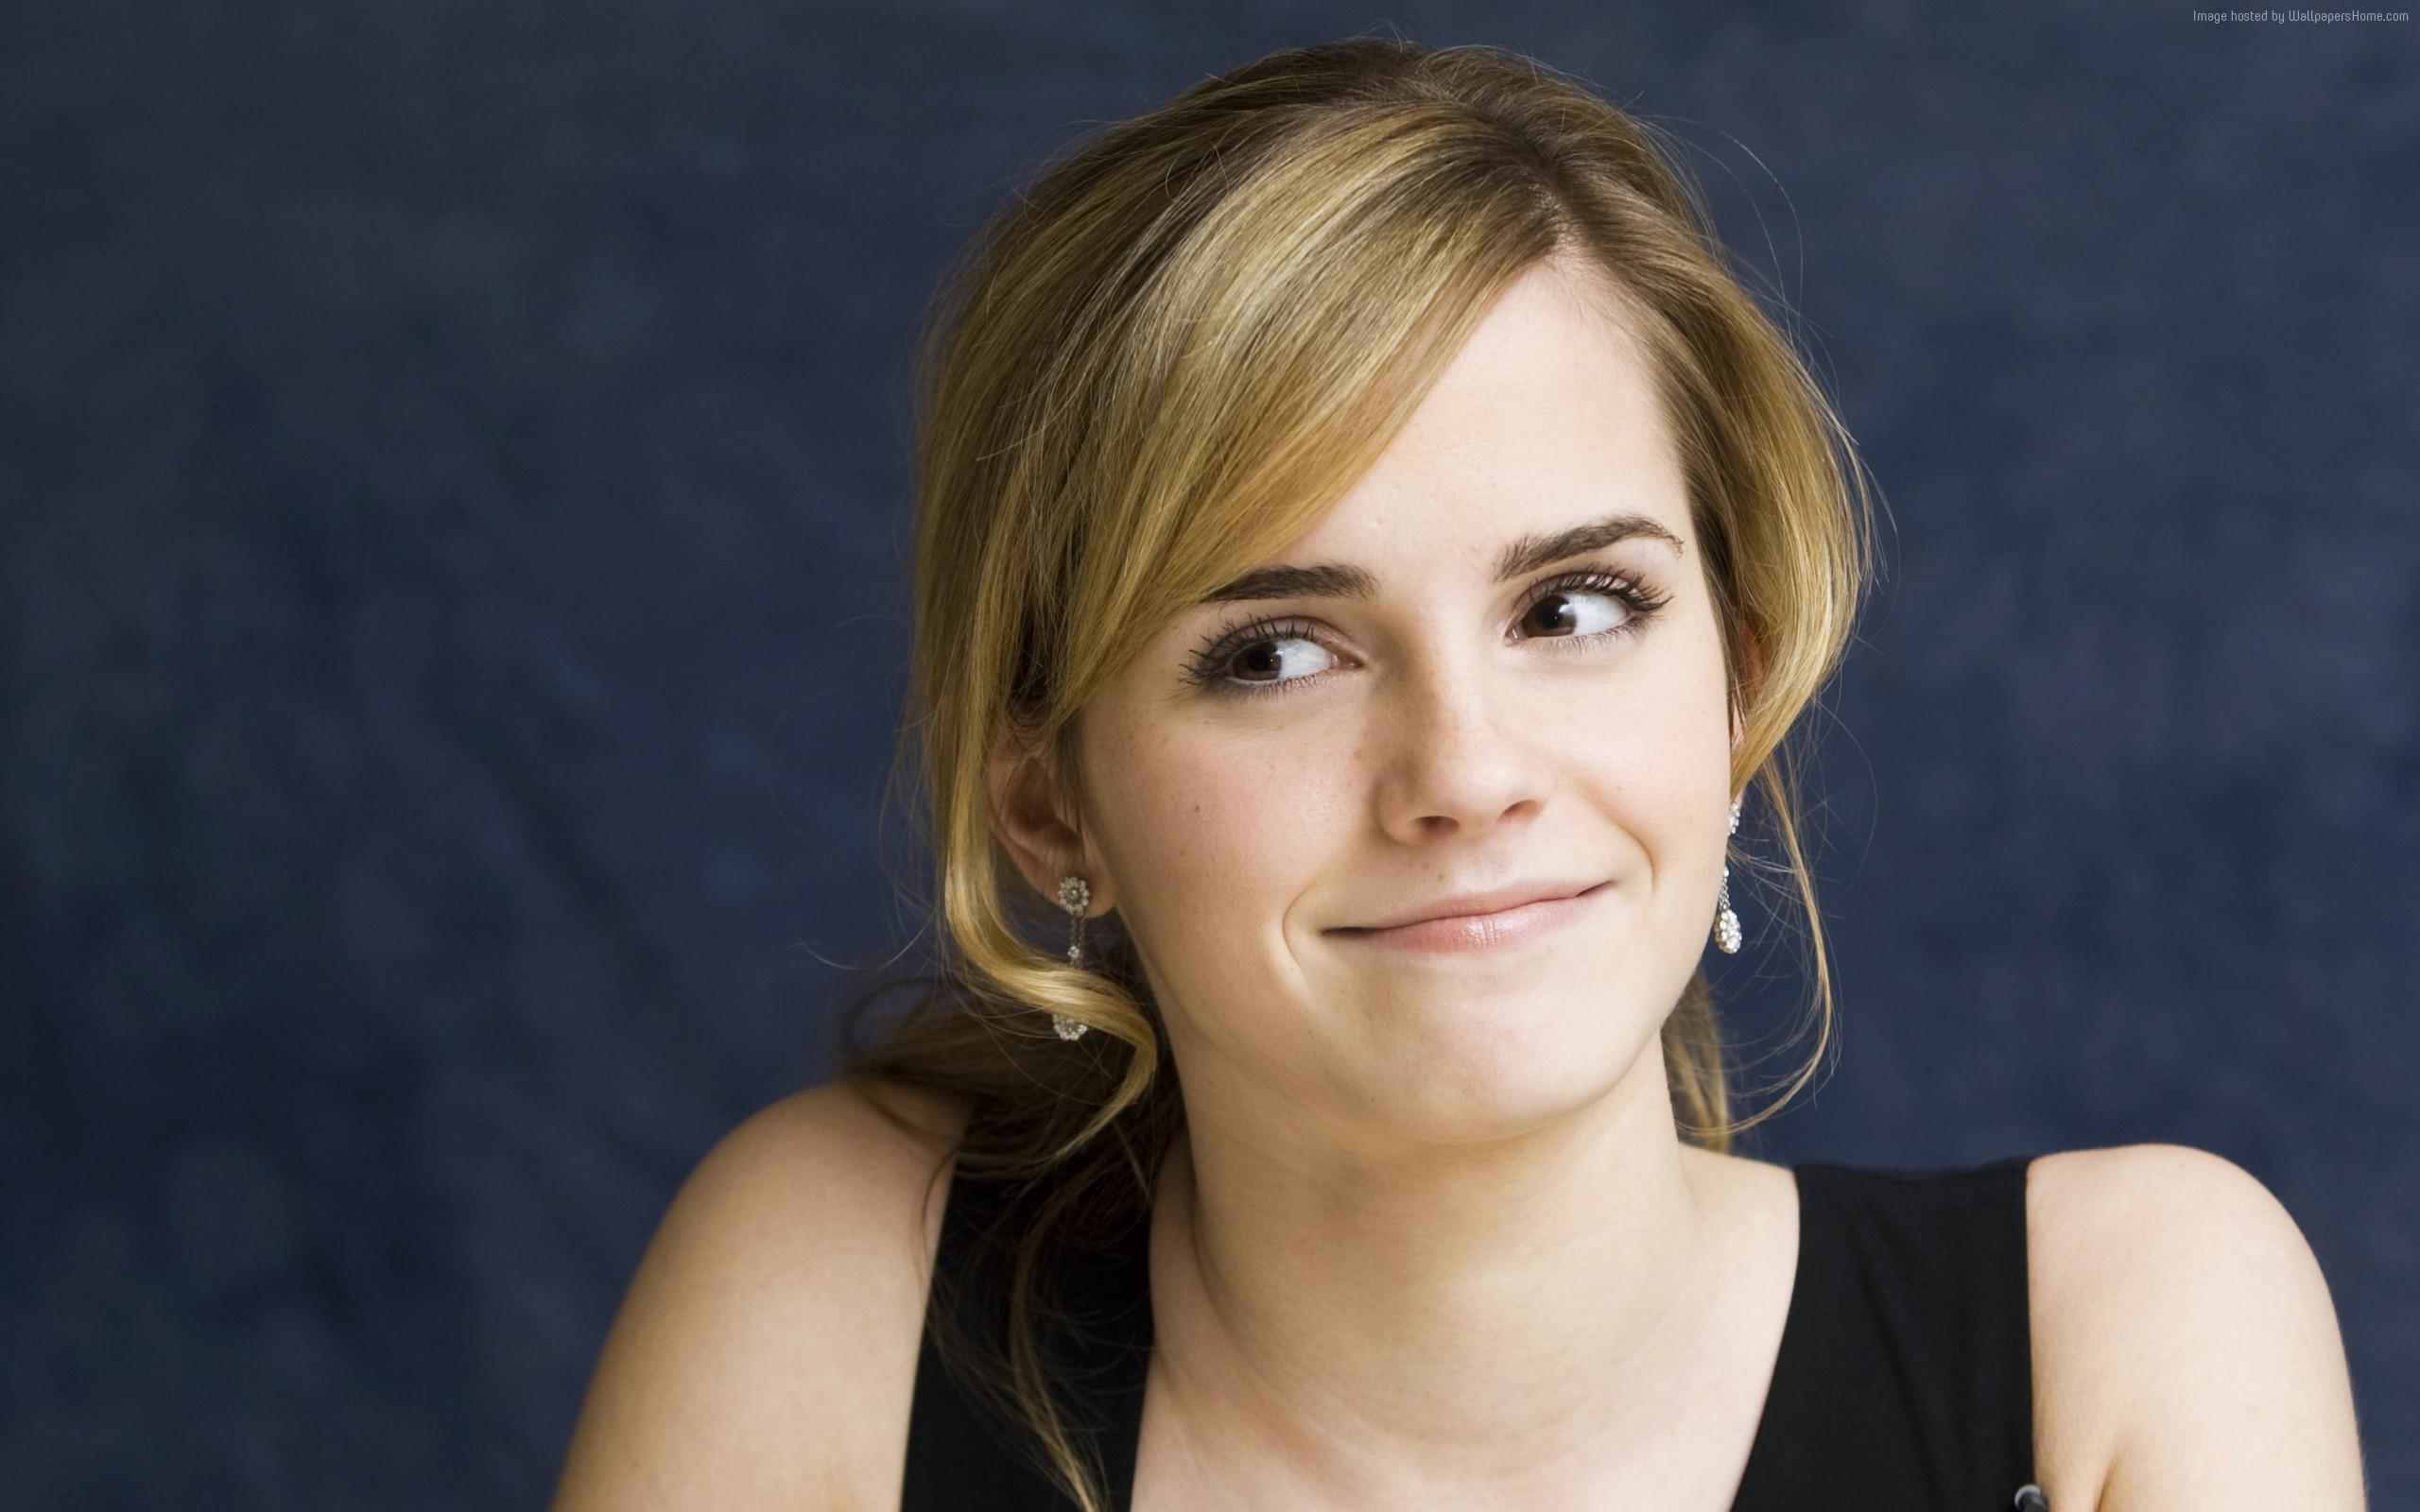 High Resolution Wallpaper | Emma Watson 2560x1600 px